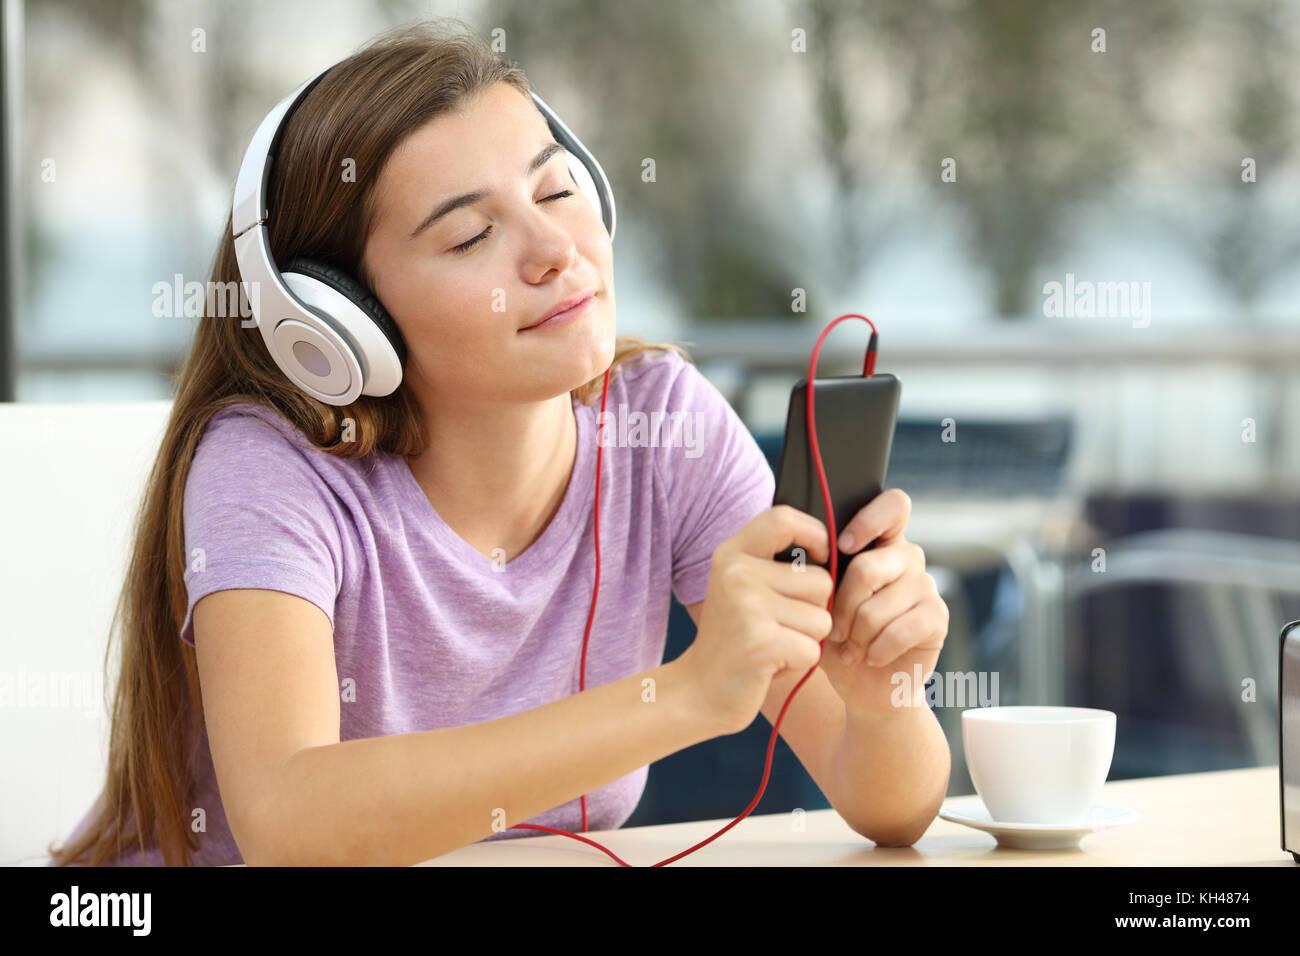 Retrato de una adolescente relajado escuchando música en un bar en la noche Imagen De Stock